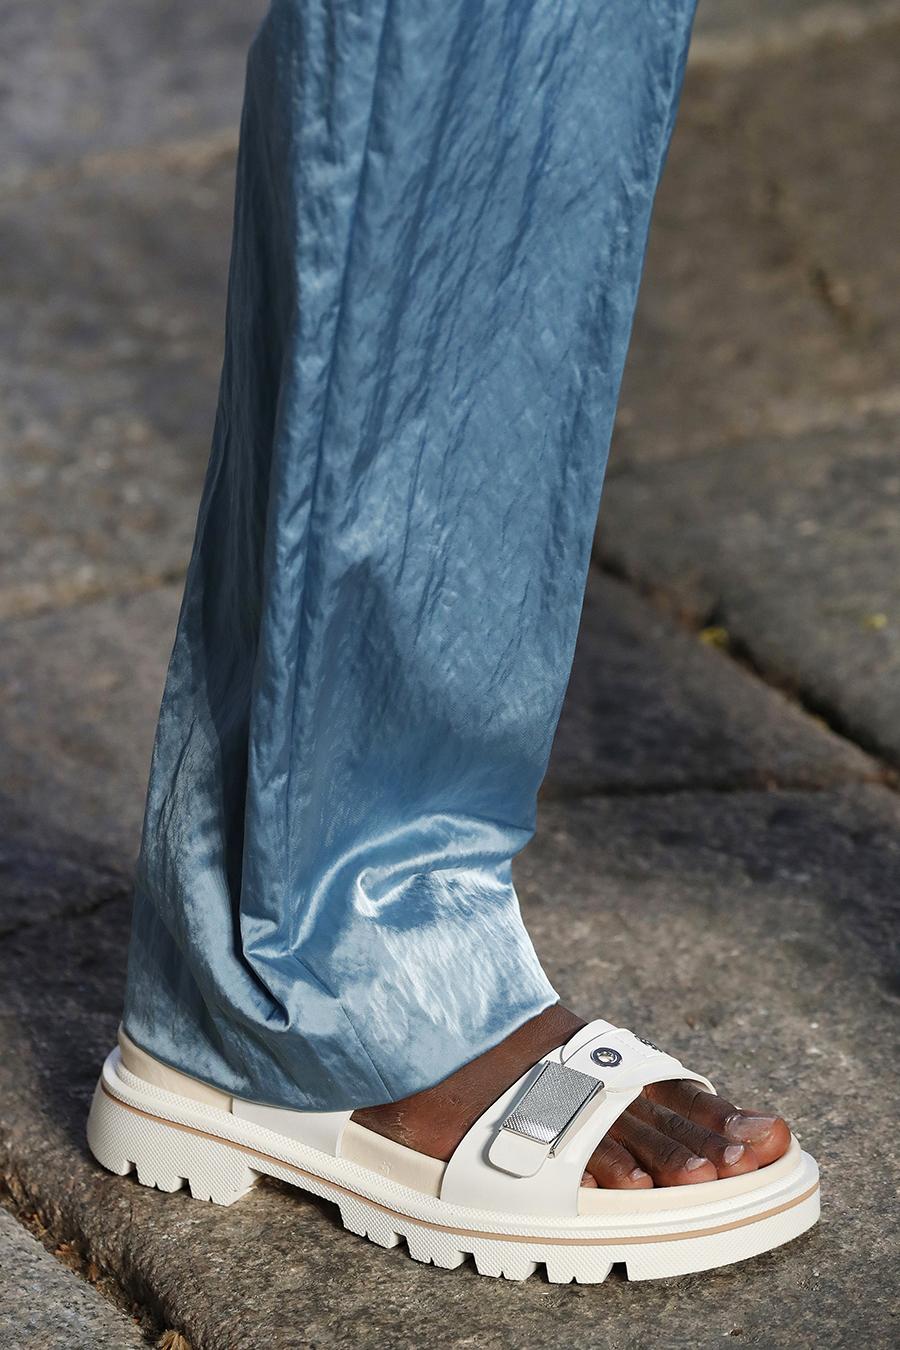 самые модные кроссовки кеды спортивные сандалии женские обувь лето 2021 белые